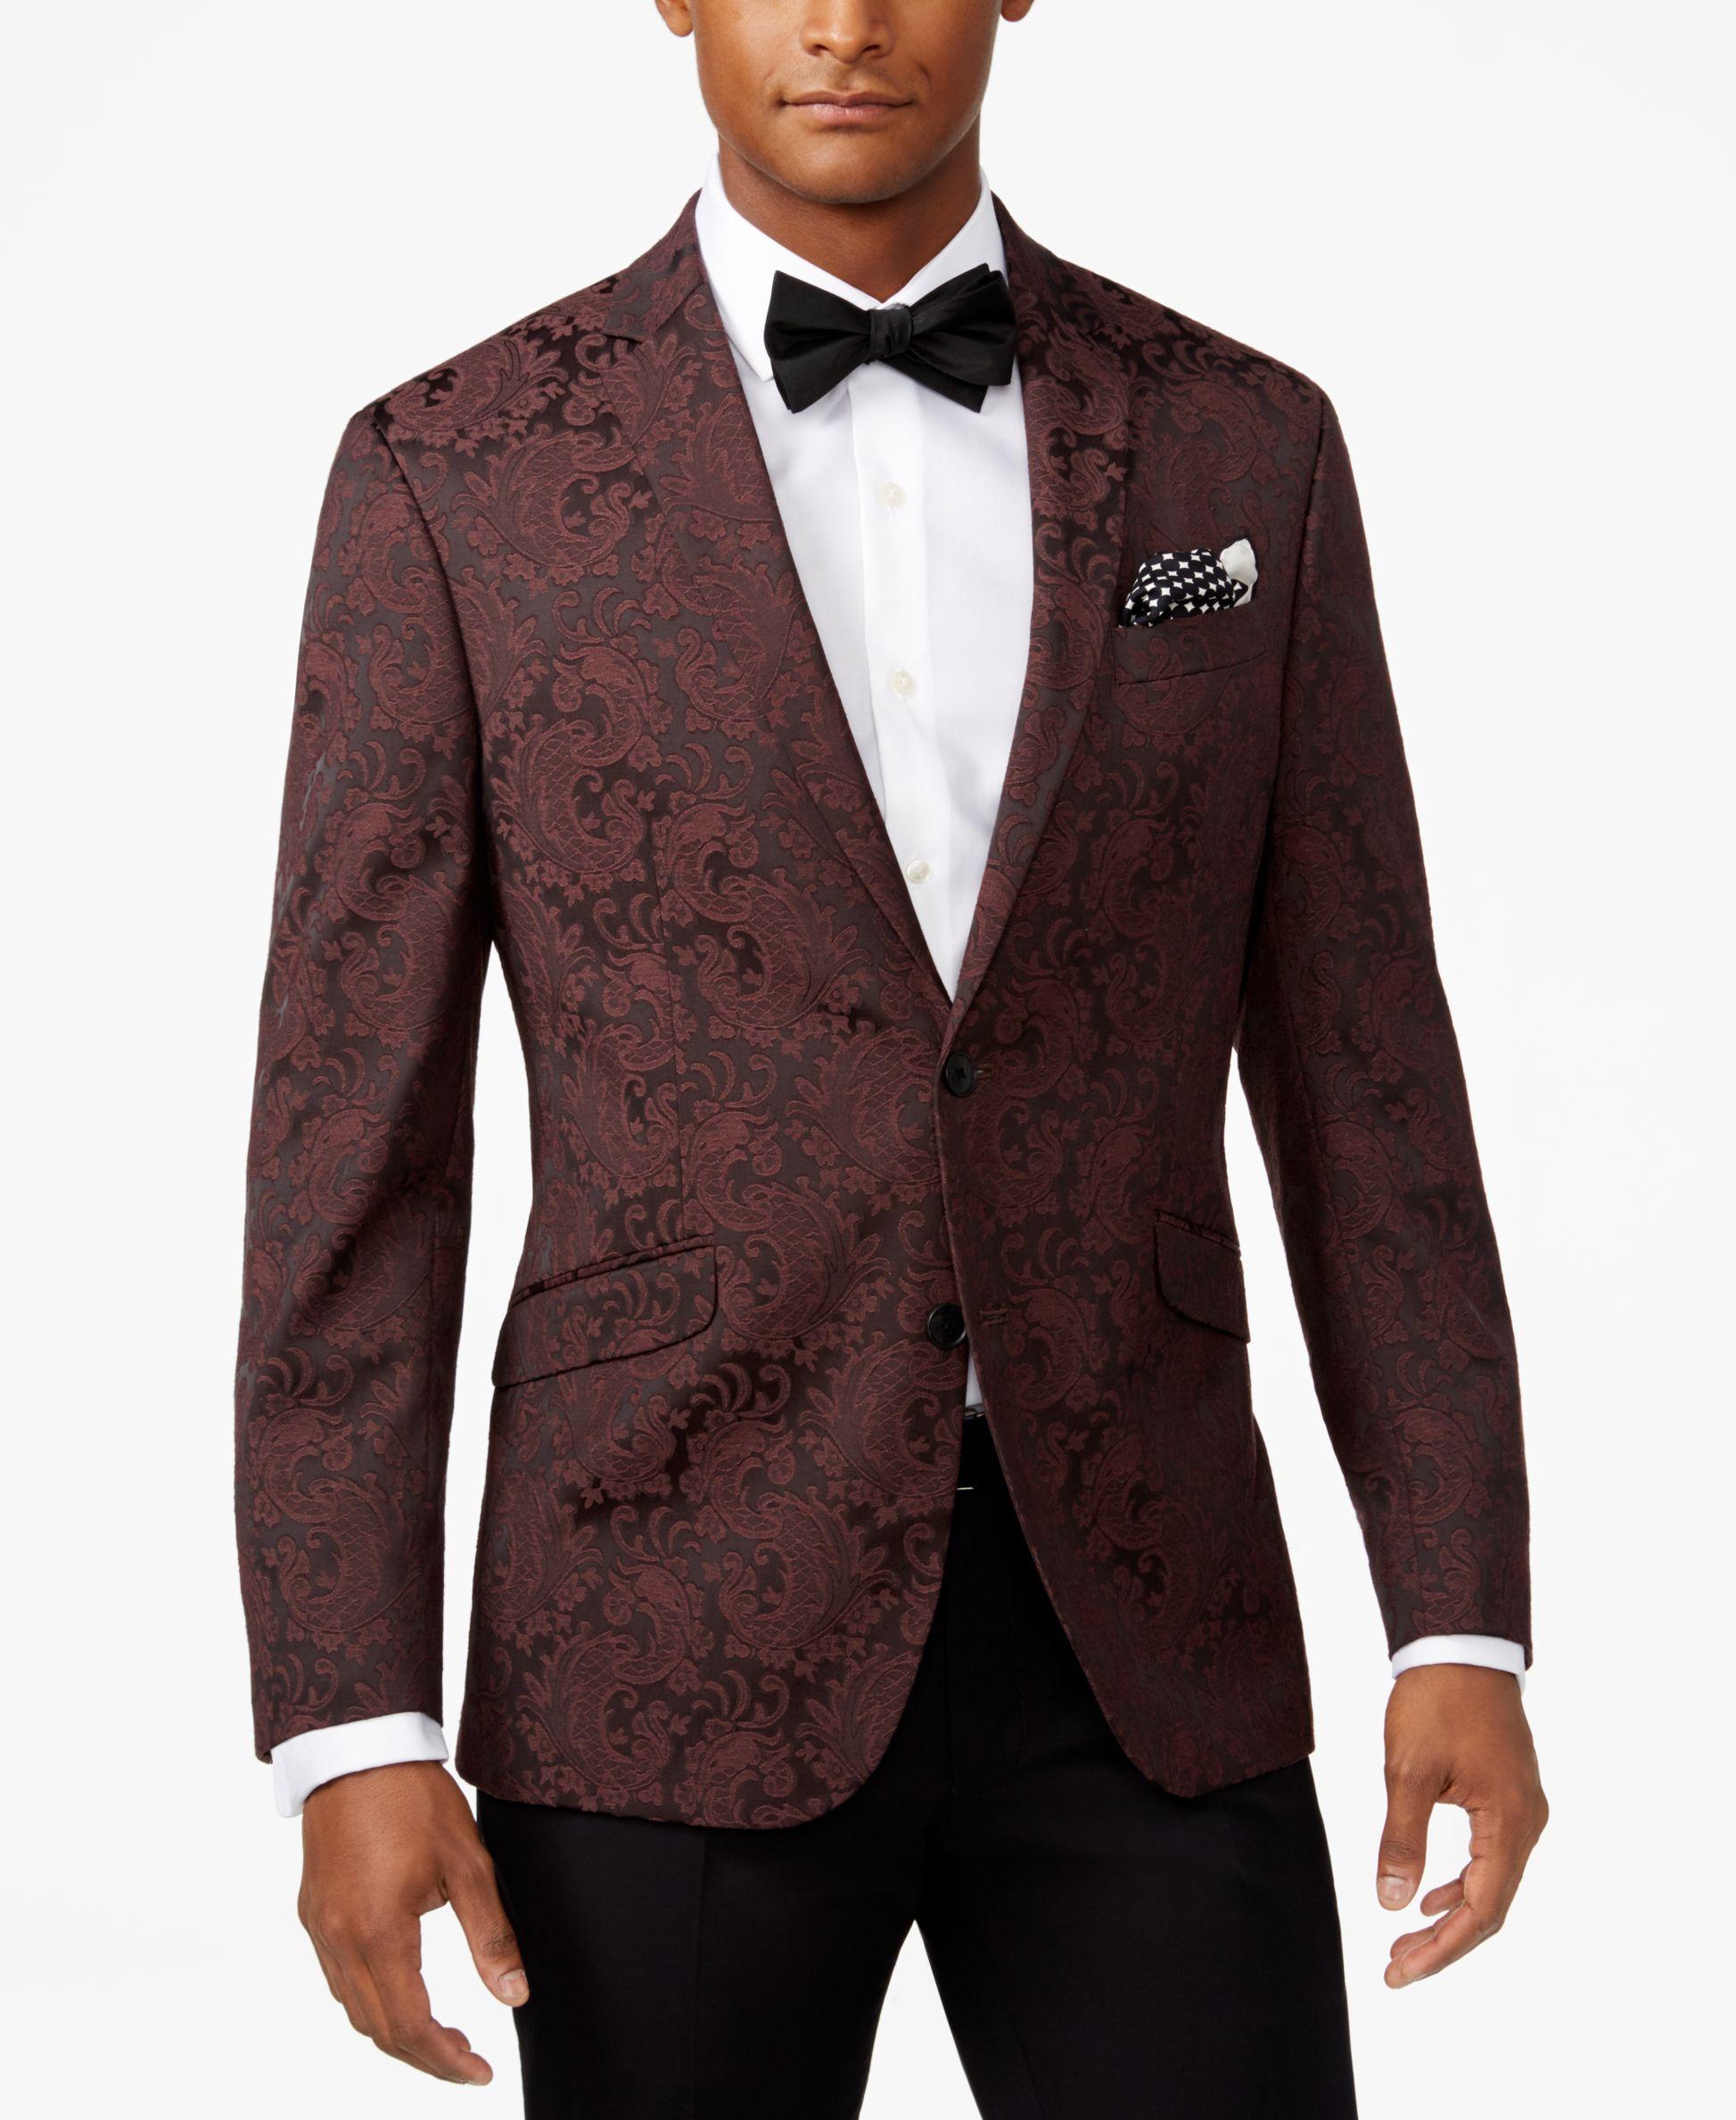 Kenneth Cole Reaction Men s Slim-Fit Burgundy Paisley Dinner Jacket ... d3aaf81ad